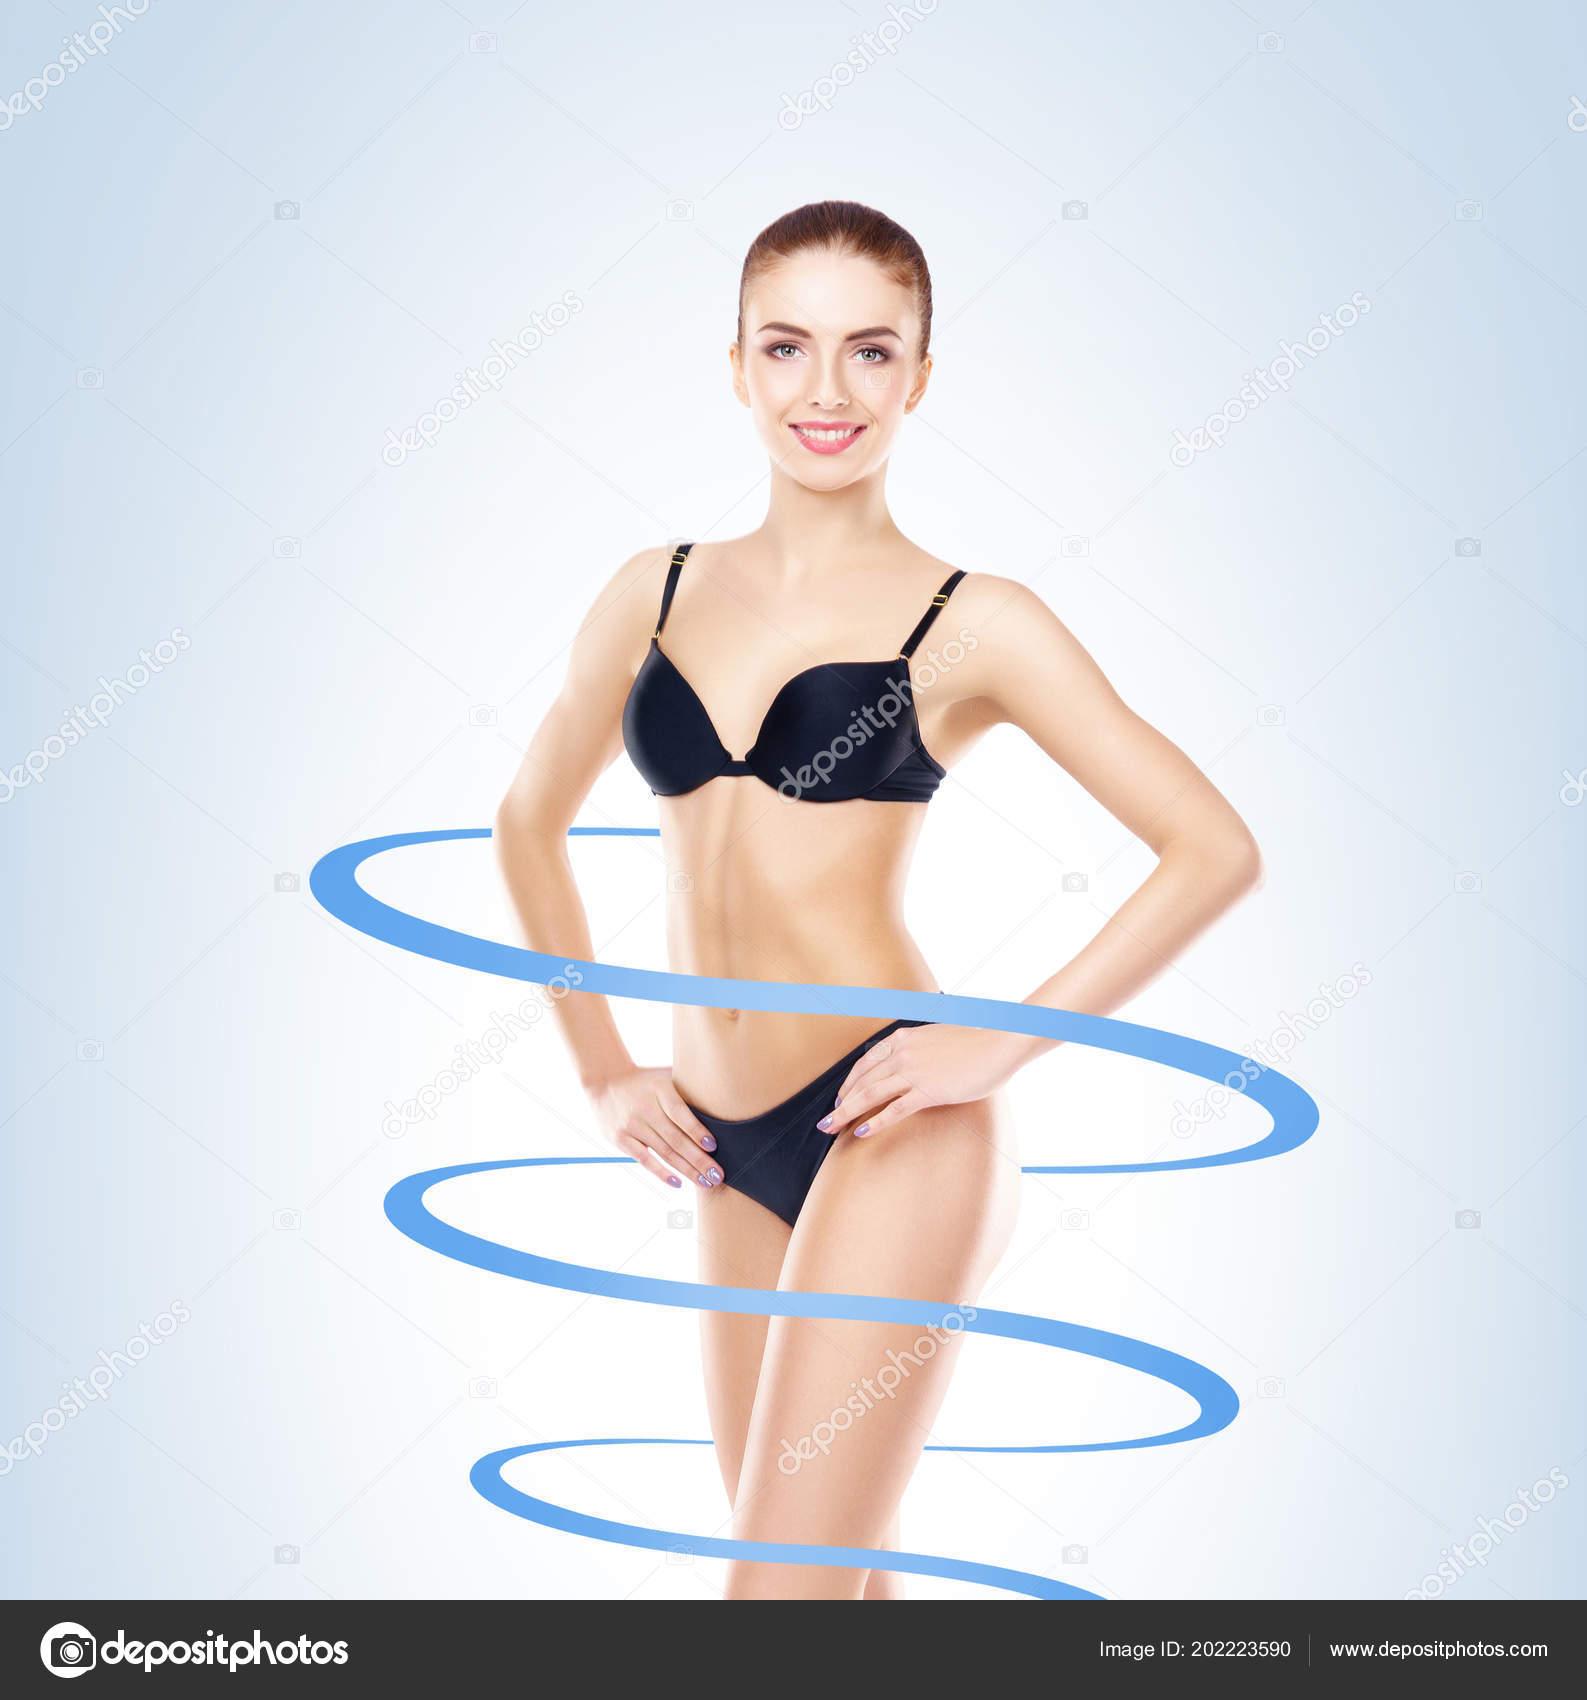 eroticheskiy-film-hudenkie-devushki-v-kupalnikah-popki-foto-sverhu